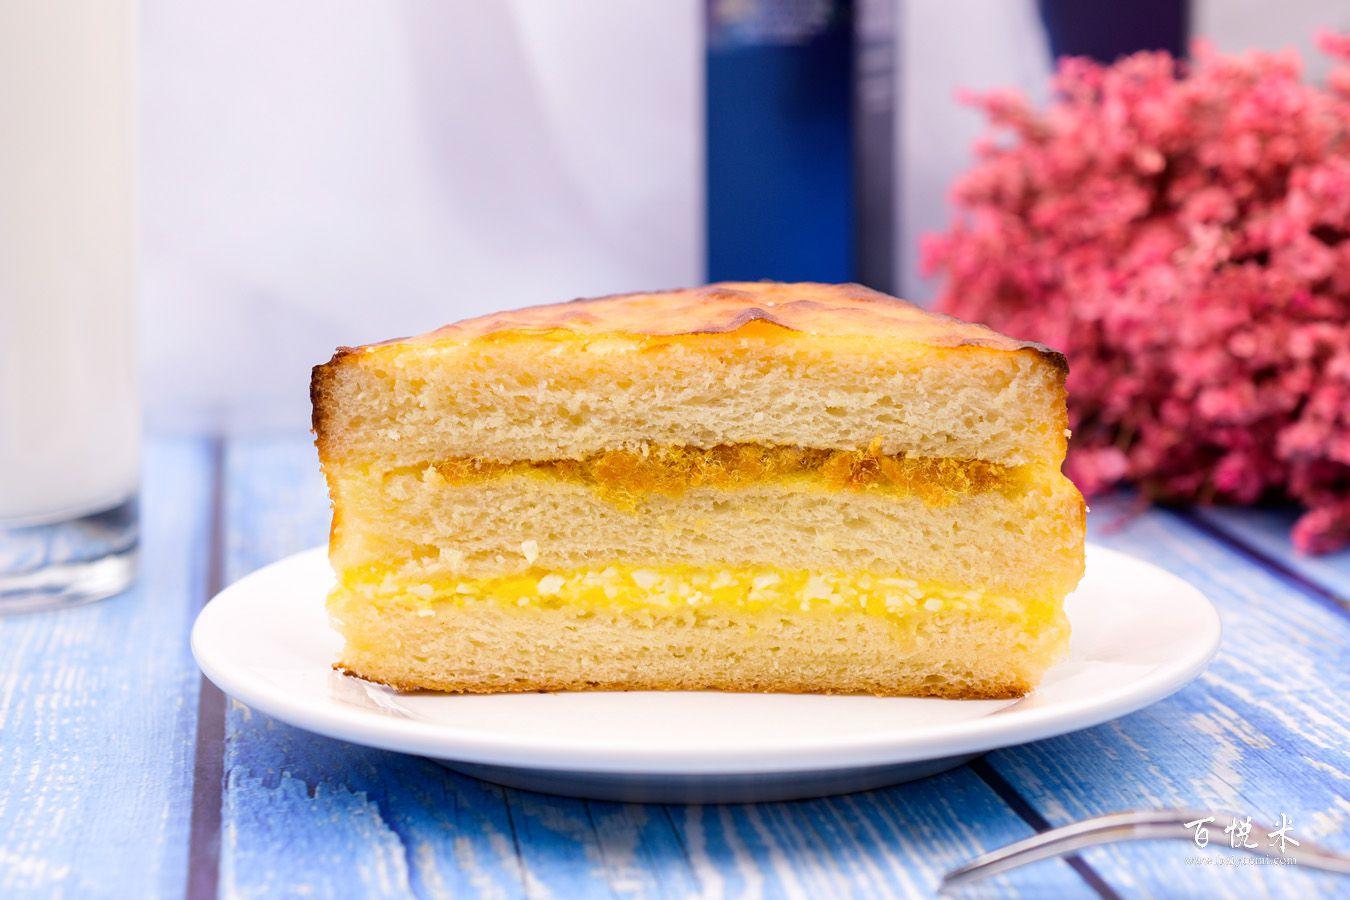 炭烧乳酪的做法大全,炭烧乳酪西点培训图文步骤分享